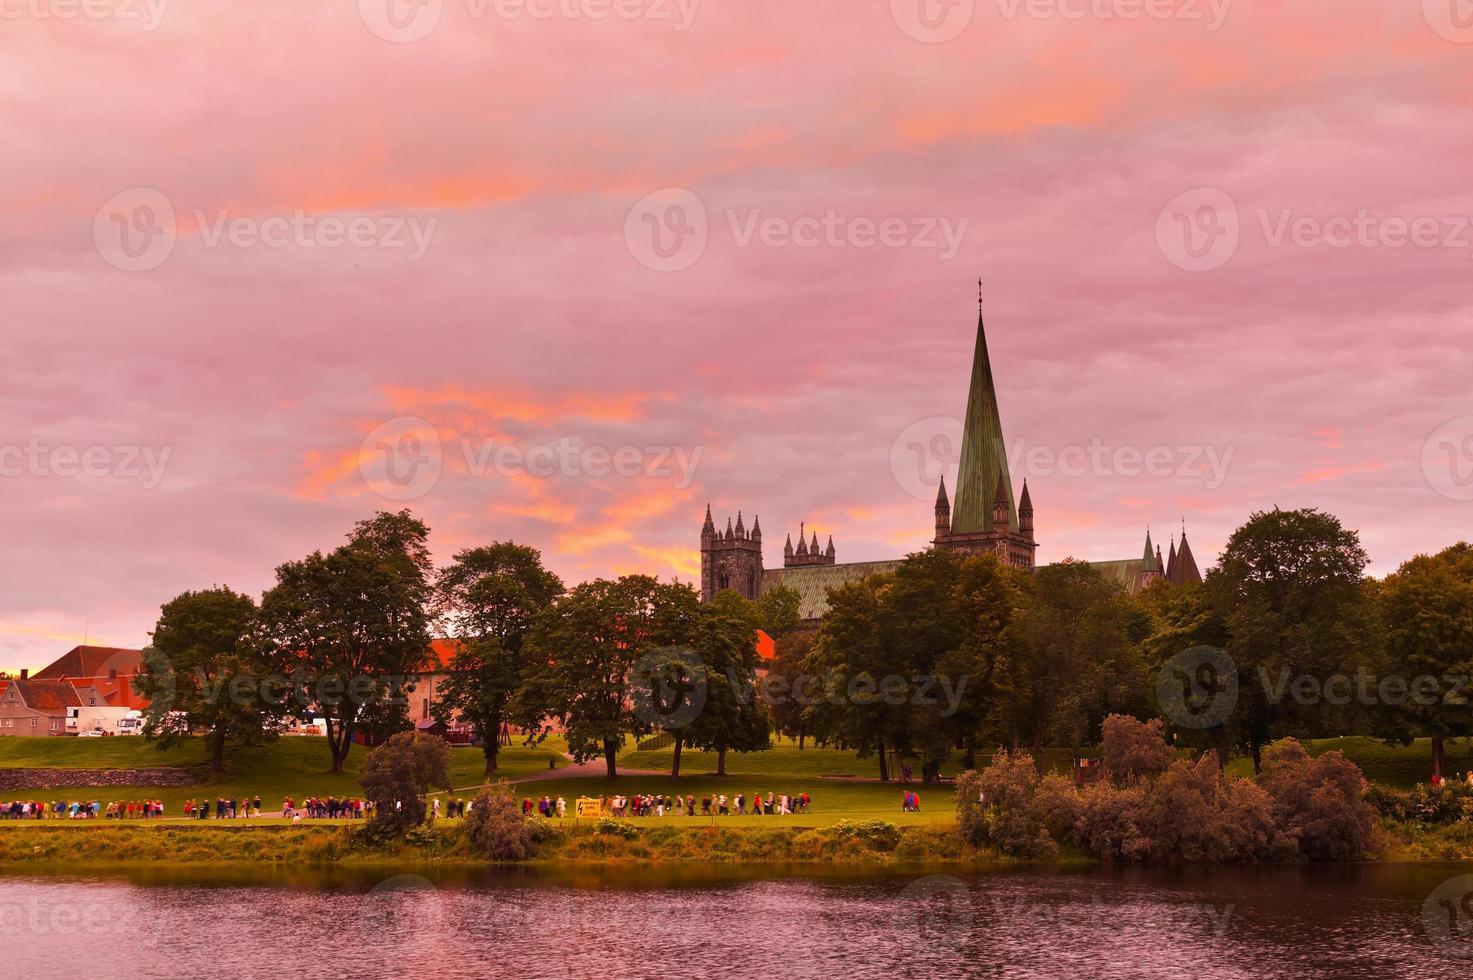 Catedral de Trondheim, Noruega al atardecer foto